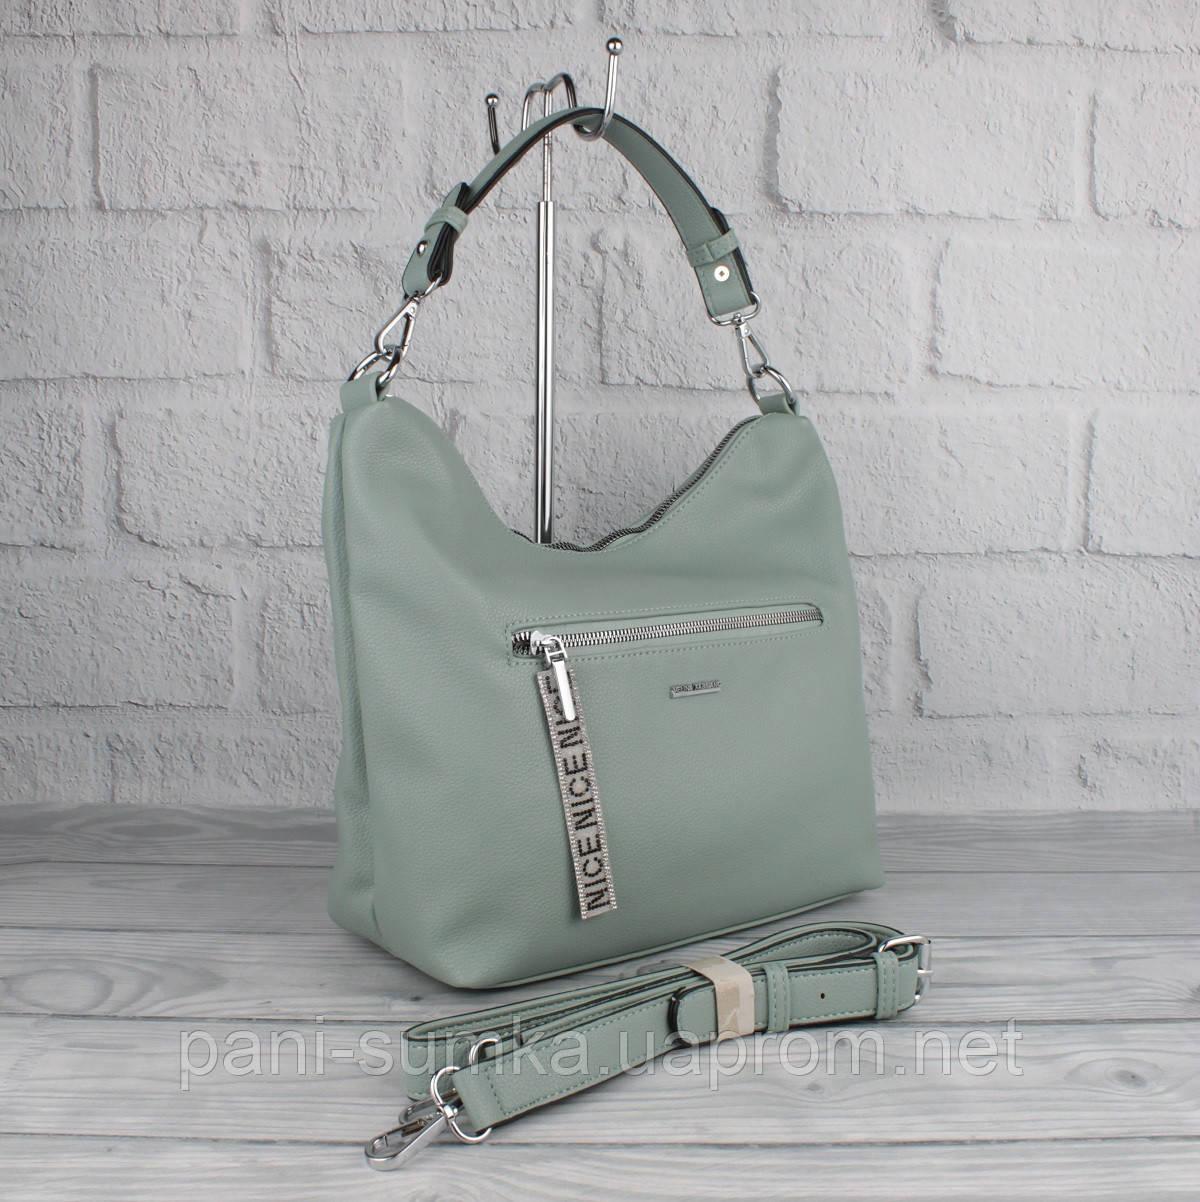 Мягкая повседневная сумка хобо Velina Fabbiano 572244 светло-зеленая (мята), расцветки